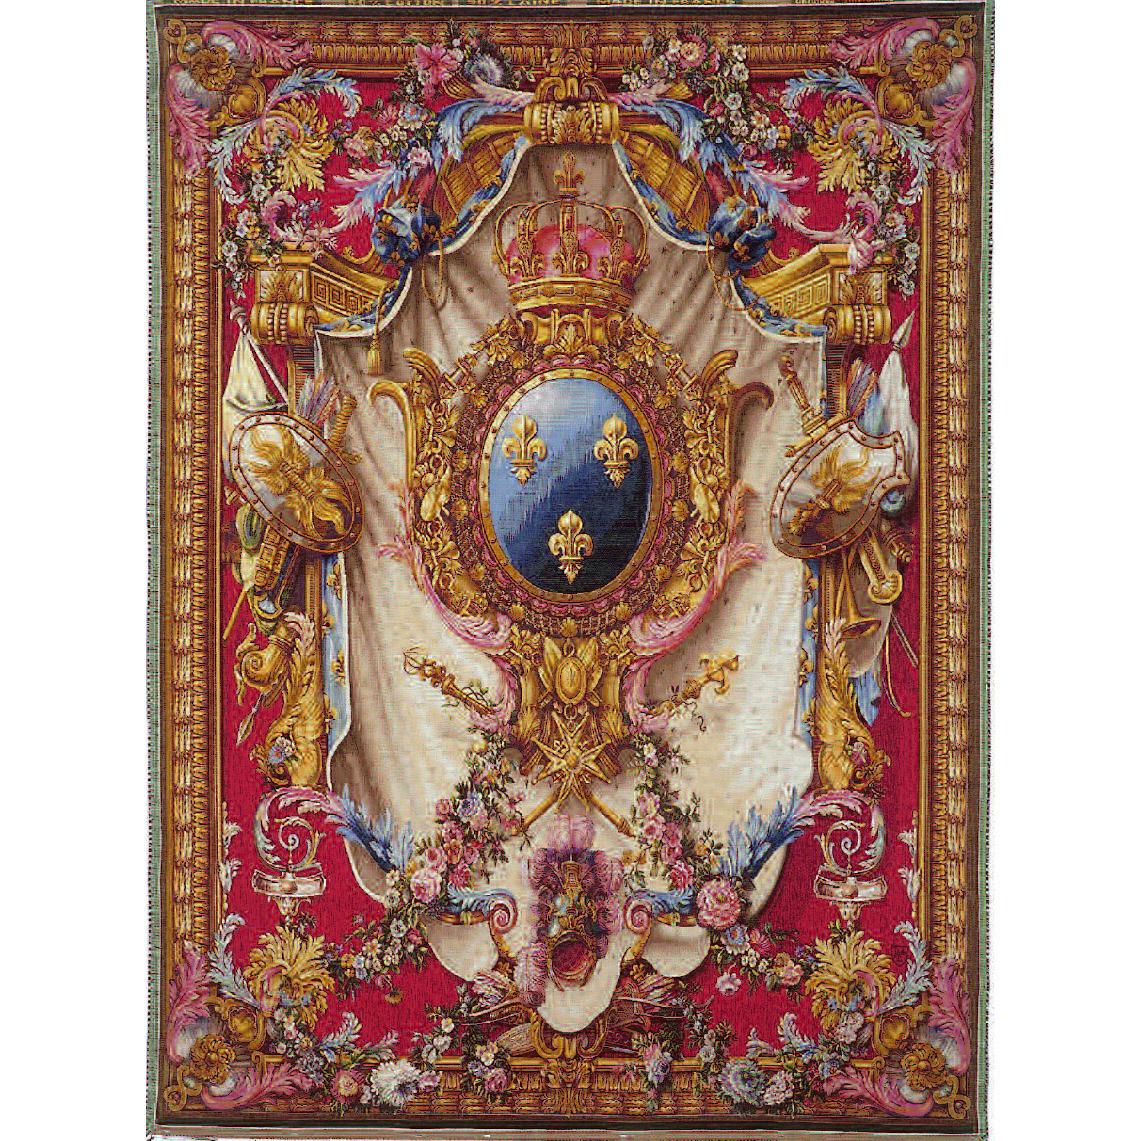 Art De Lys, Grandes Armoiries Ref. 9082<br>200 X 150 cm Х 150 X 110 cm<br>¬озможно размещение вместо королевских лилий ваших инициалов!